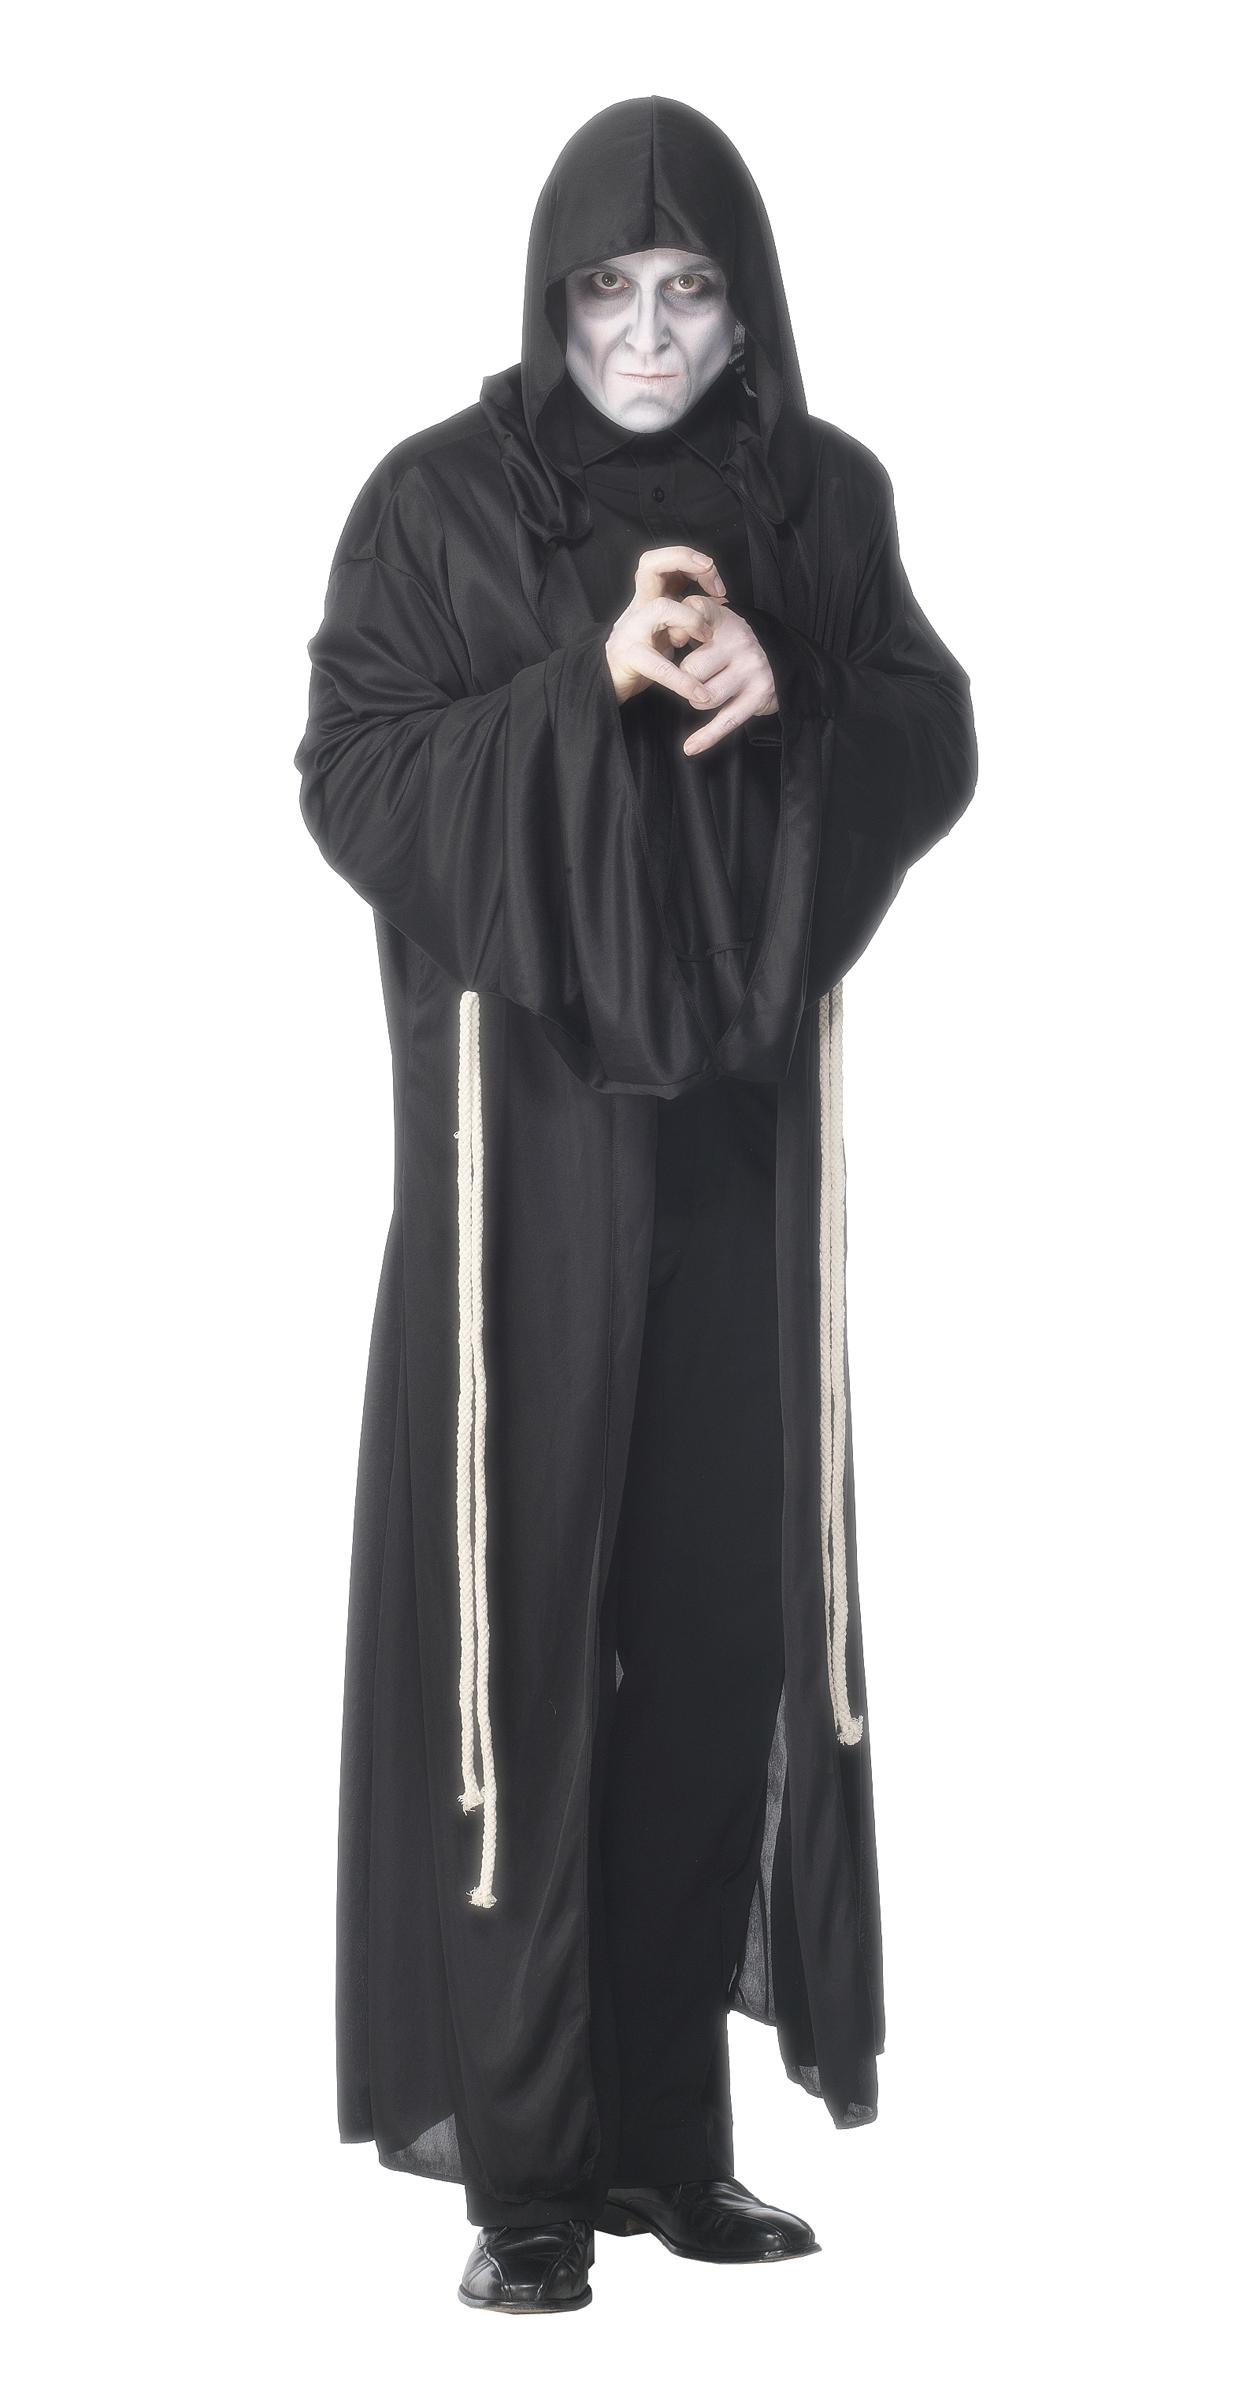 déguisement moine zombie halloween